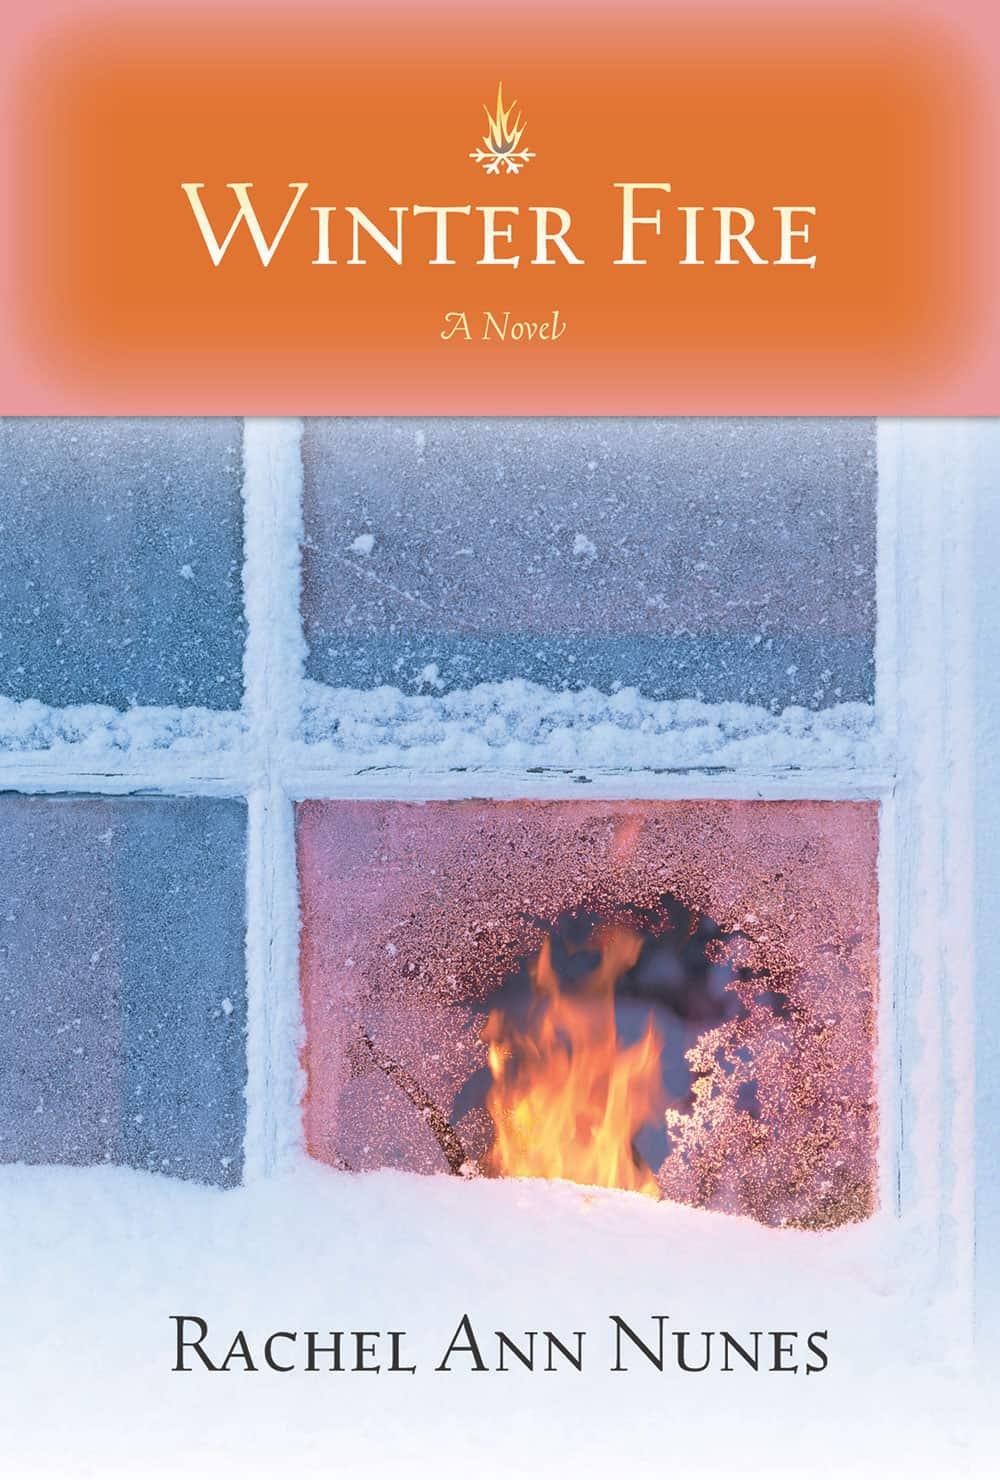 Winter Fire by Rachel Ann Nunes